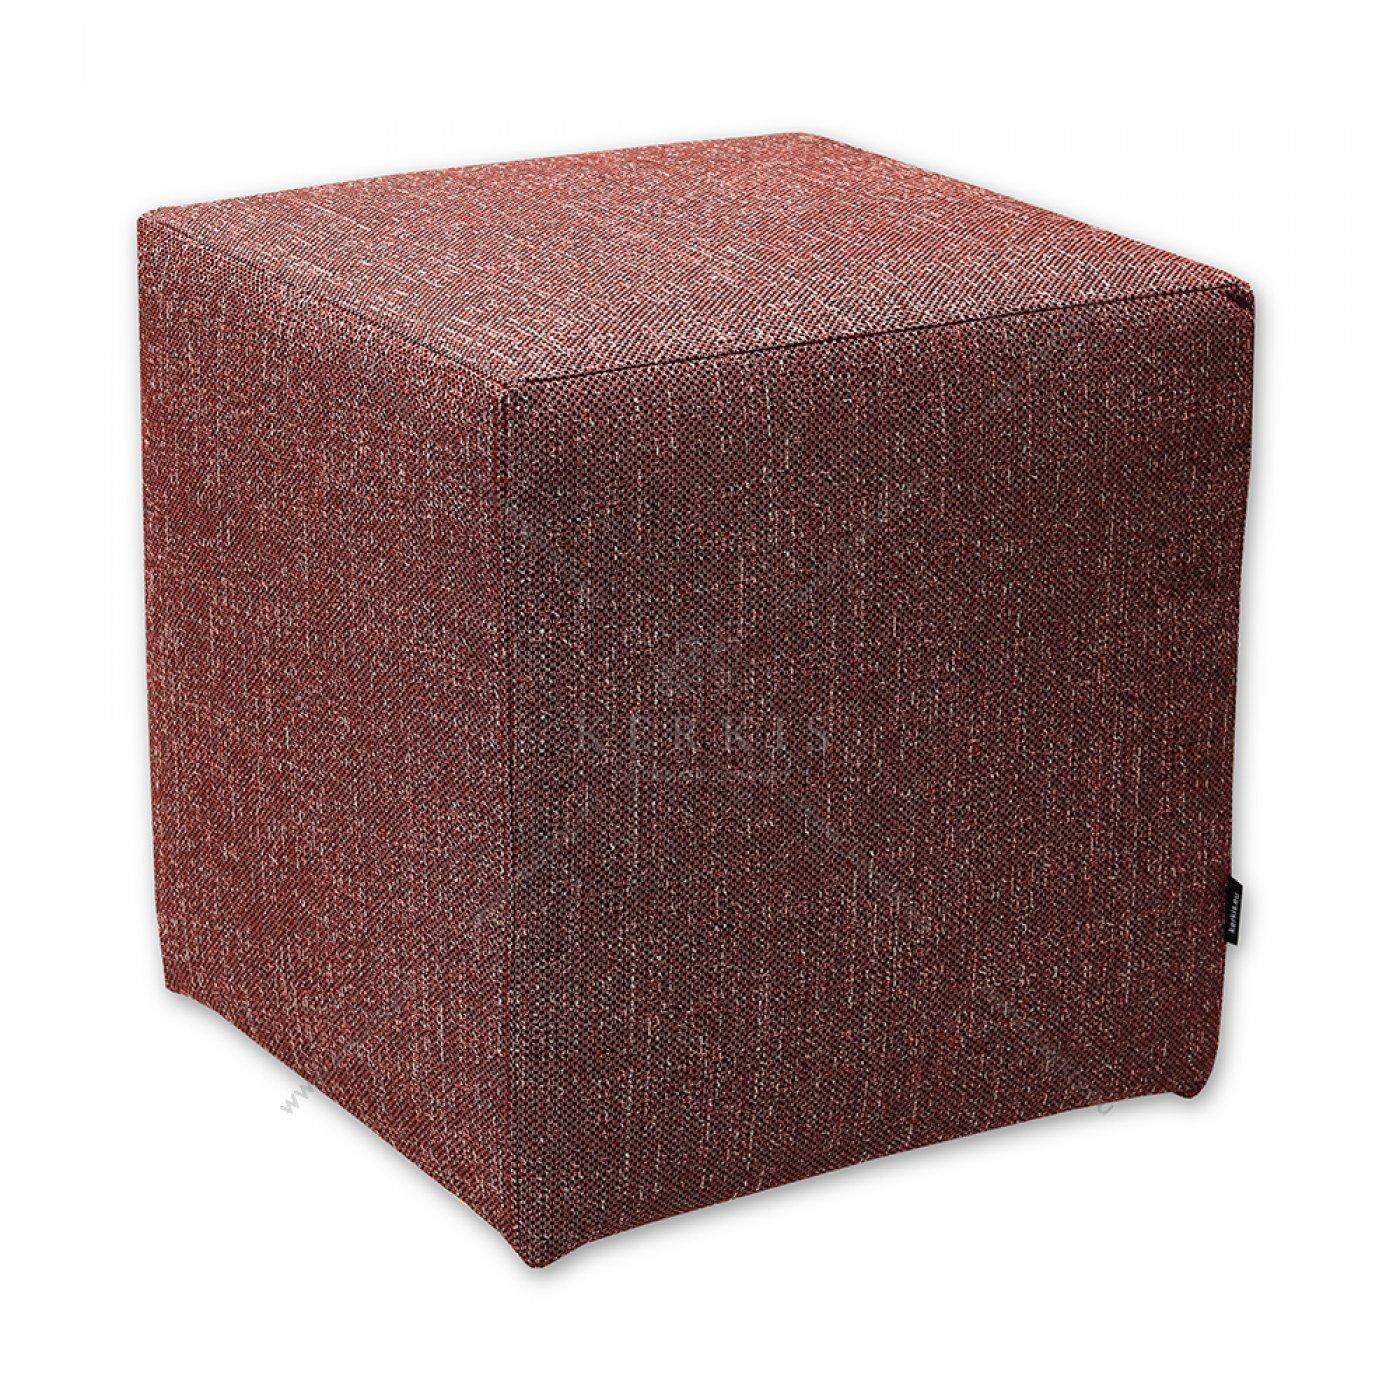 Σκαμπό κύβος κόκκινος από την Kerkis Tailormade Comfort με κάλυμμα που αφαιρείται και επανατοποθείται πανεύκολα!